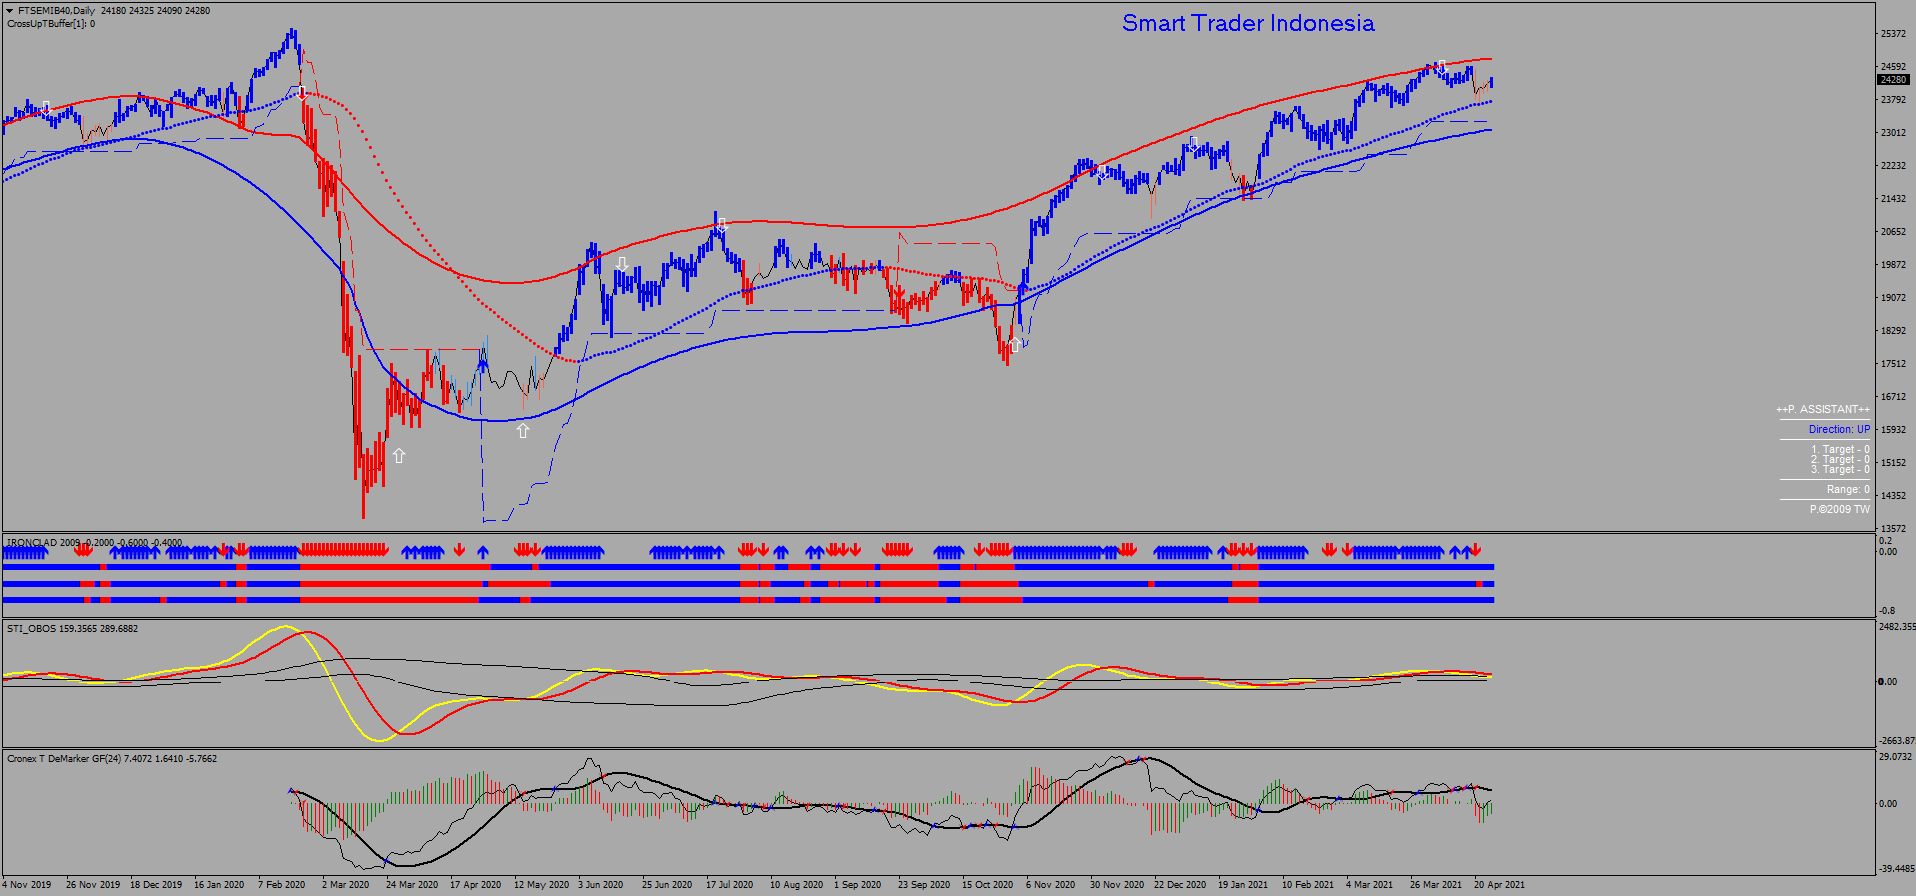 ftsemib40-d1-ava-trade-ltd.png